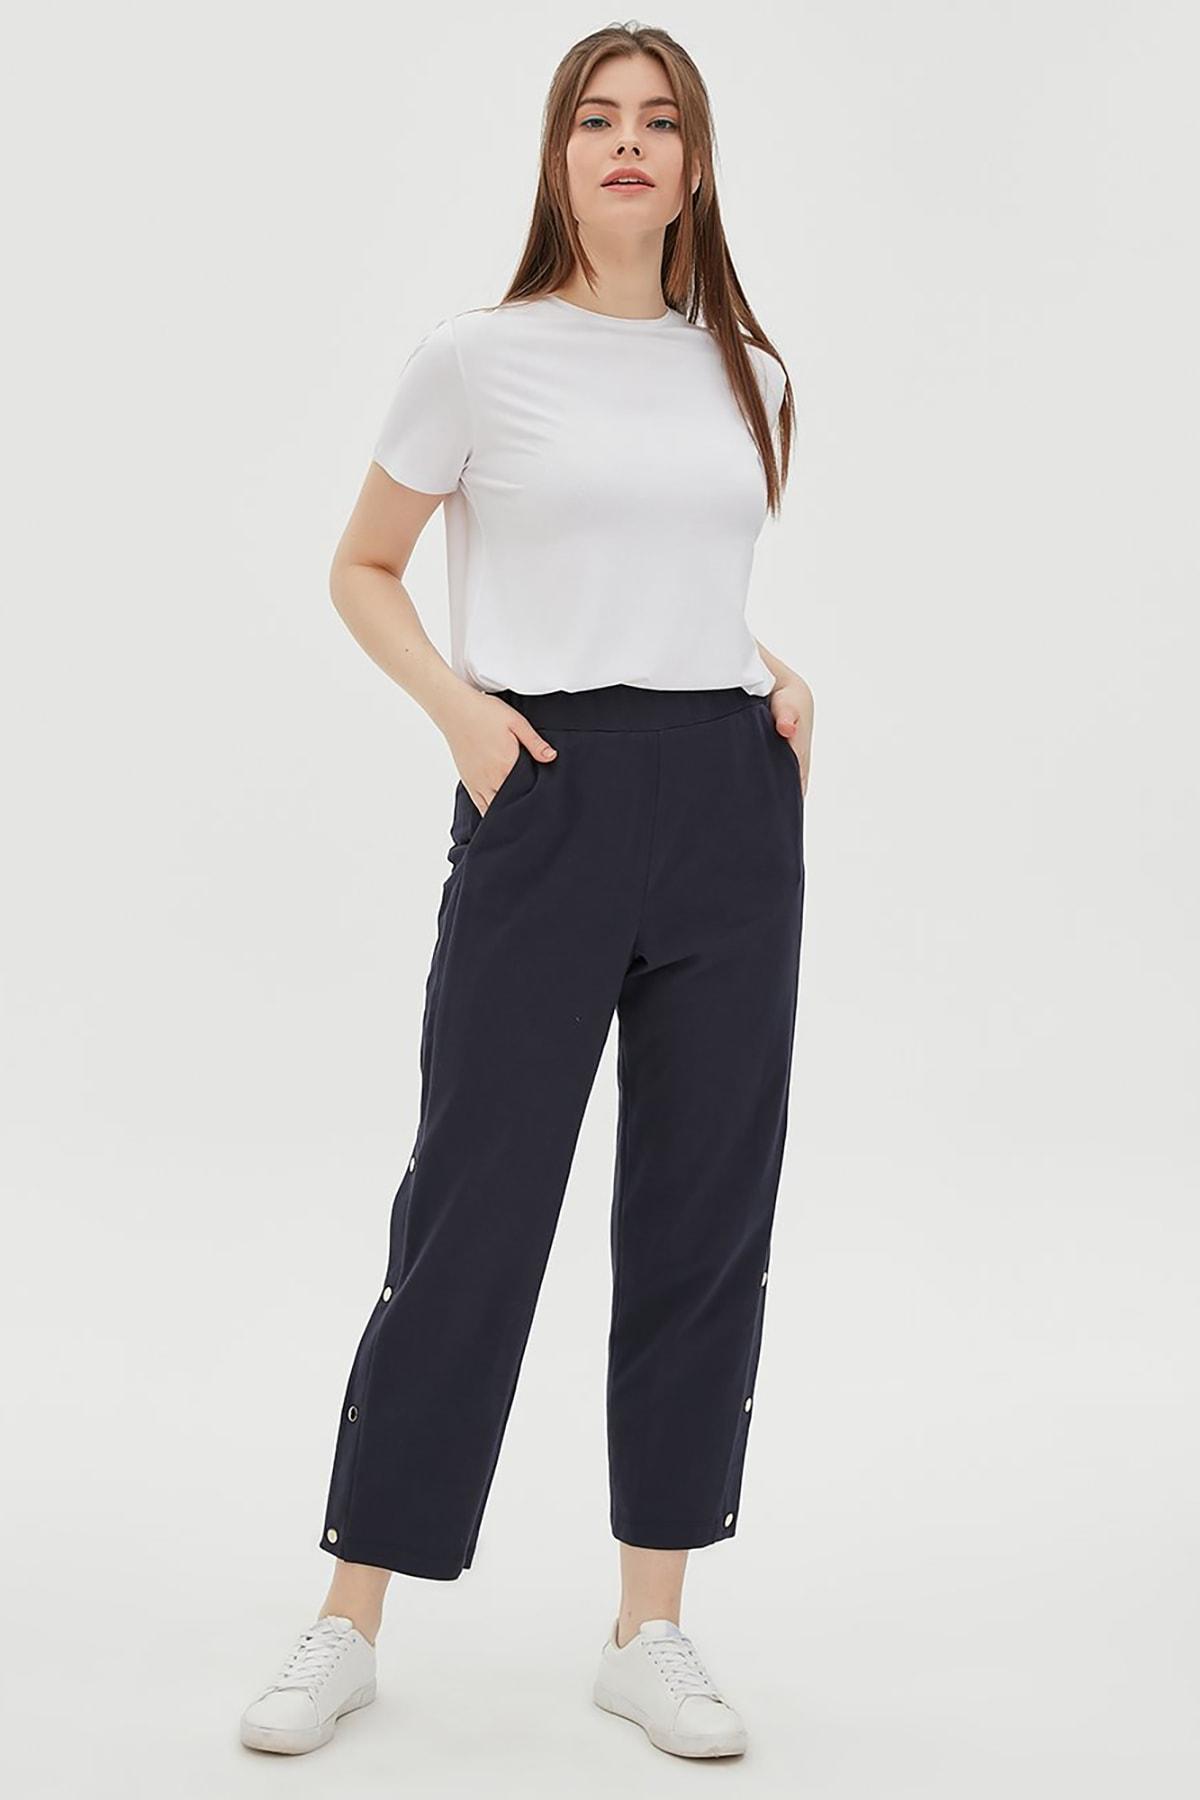 Kayra Kadın Yandan Çıt Çıt Detaylı Pantolon Lacivert B20 19044